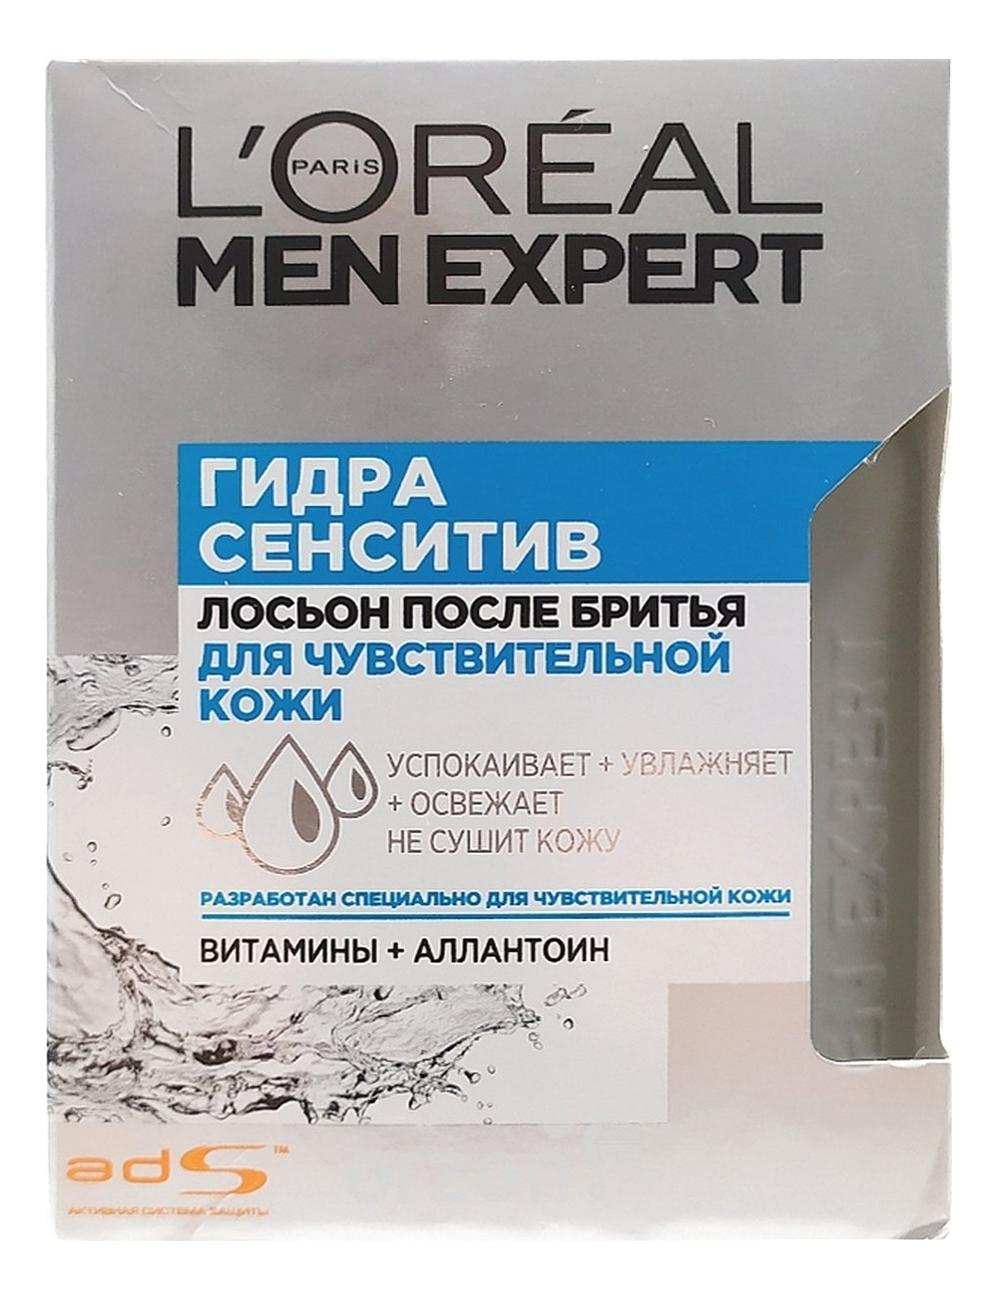 Увлажняющий лосьон после бритья для чувствительной кожи Гидра Сенситив Men Expert 100мл l oreal men expert гидра энергетик лосьон после бритья